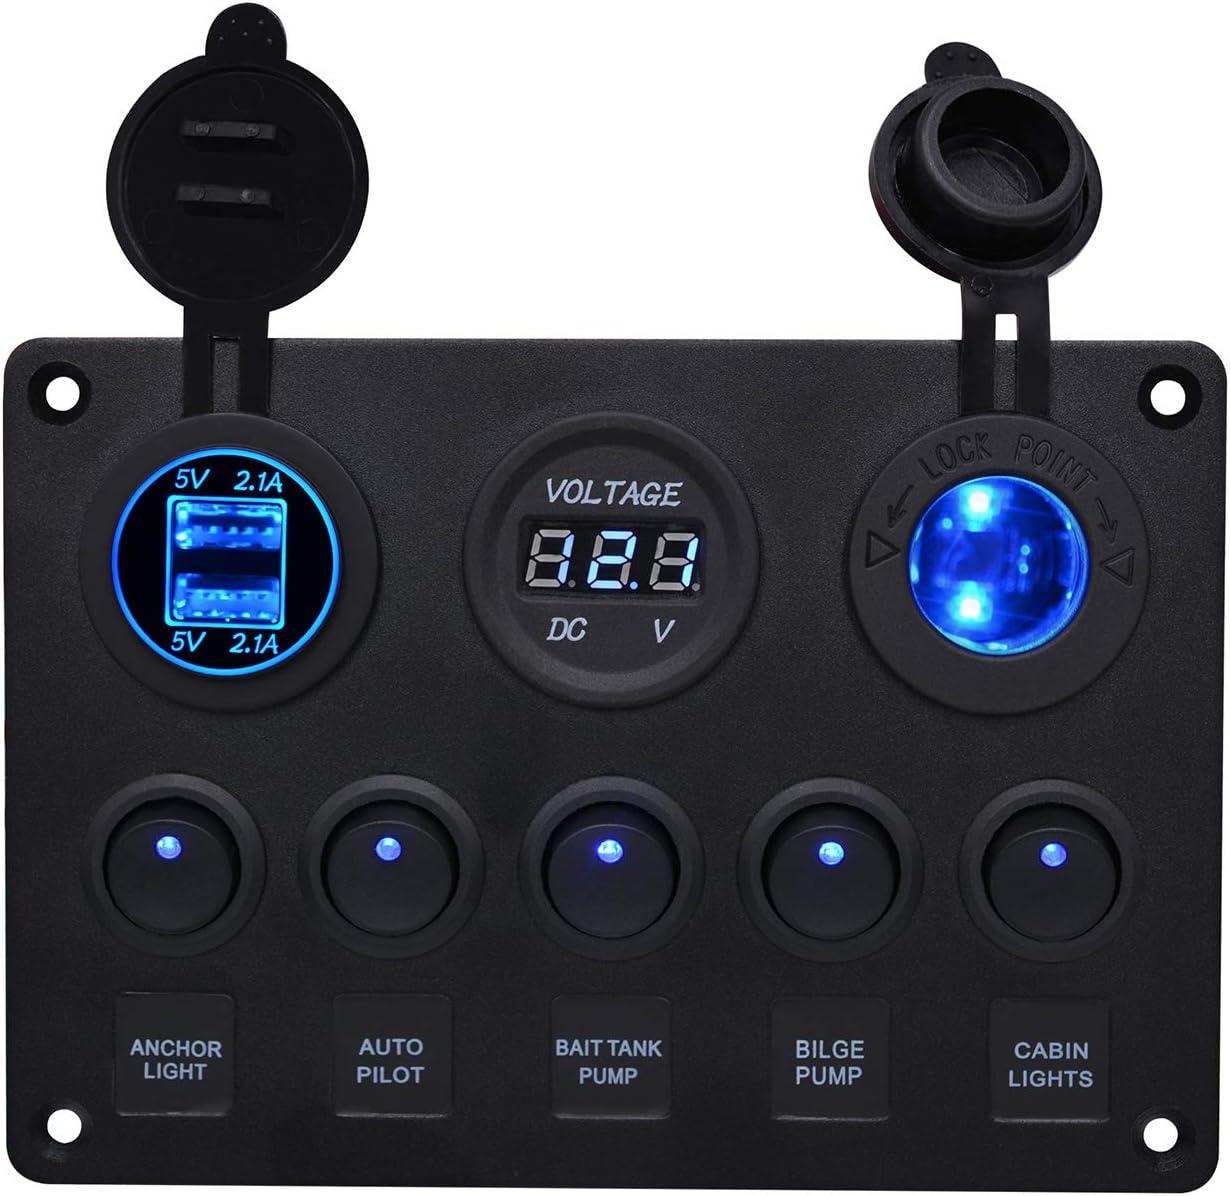 Fornorm 5 Gang 12v 24v Auto Boot Marine Wippenschalter On Off Schalter Panel Kippschalter Mit 5v 2 1a Dual Usb Ladegerät Digitale Voltmeter Zigarettenanzünder Sockel Blau Led Auto